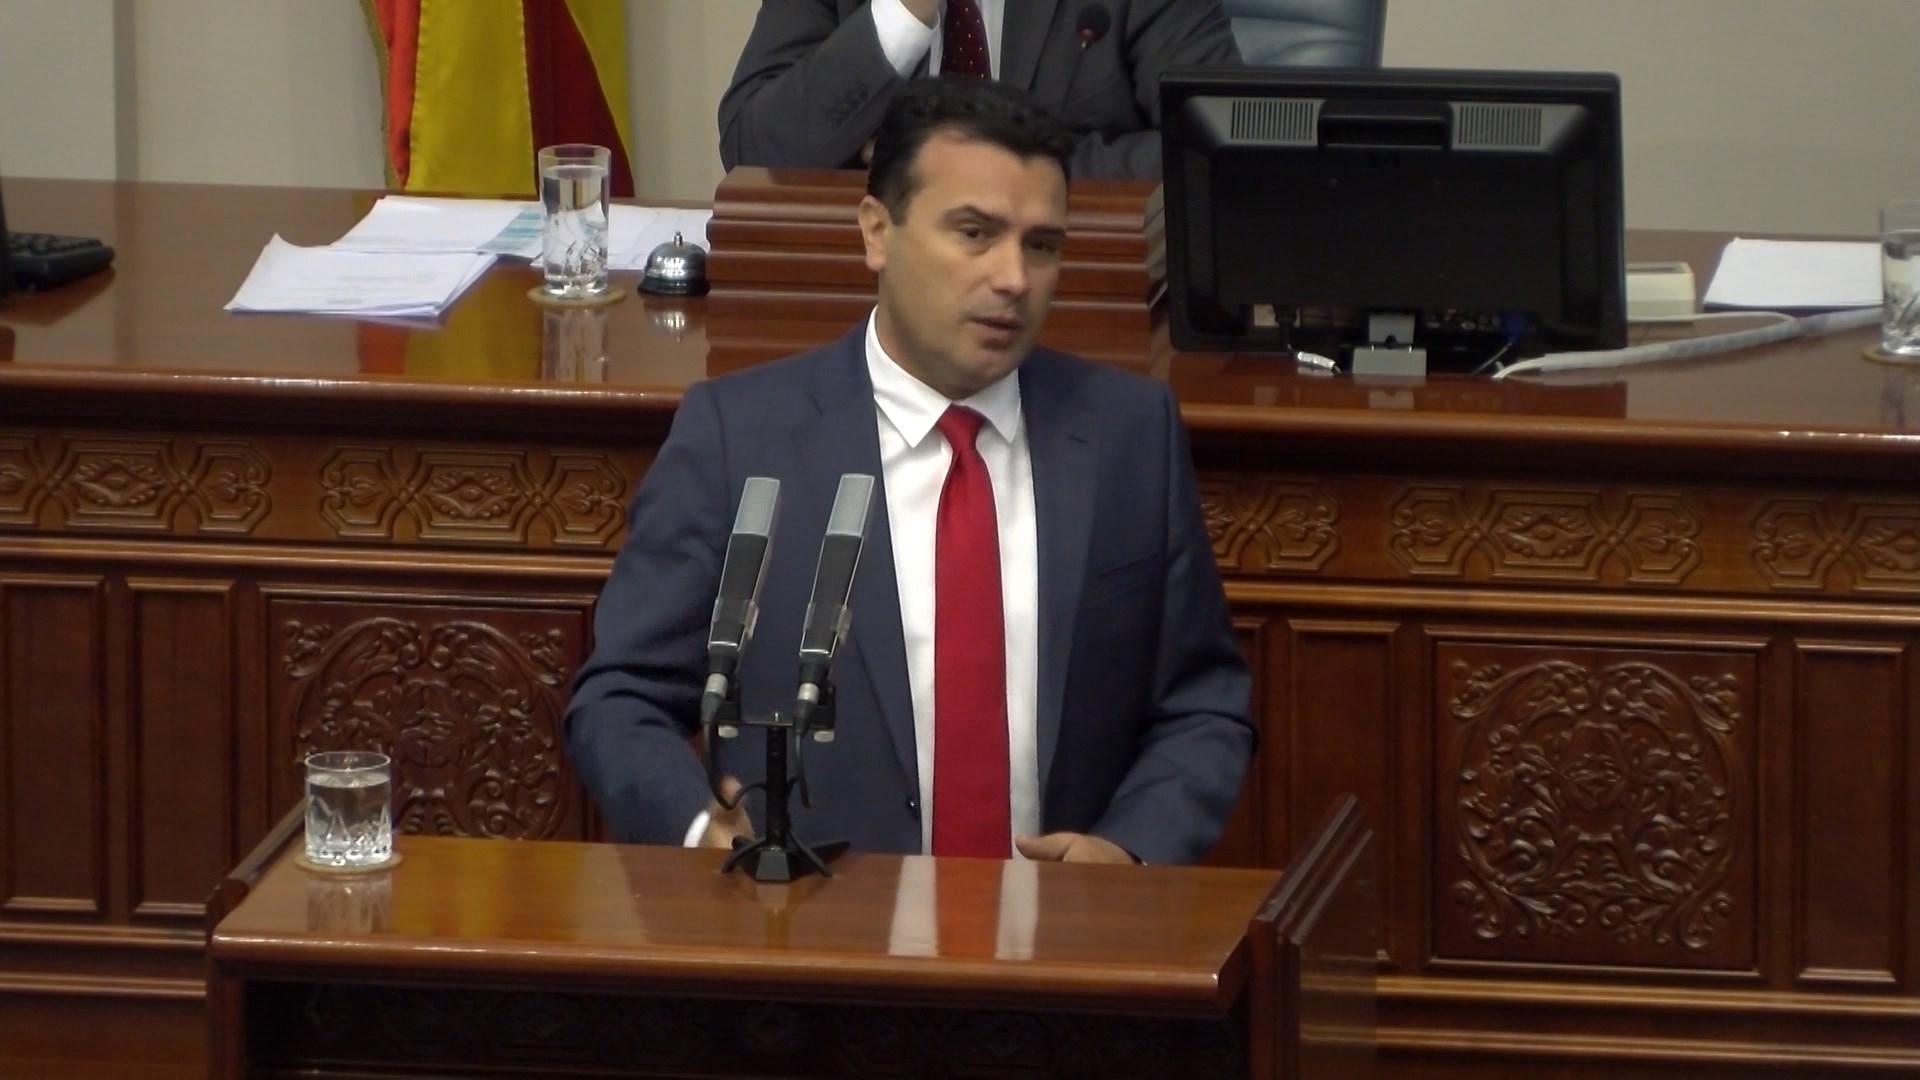 Dita e tretë e debateve parlamentare në Maqedoni